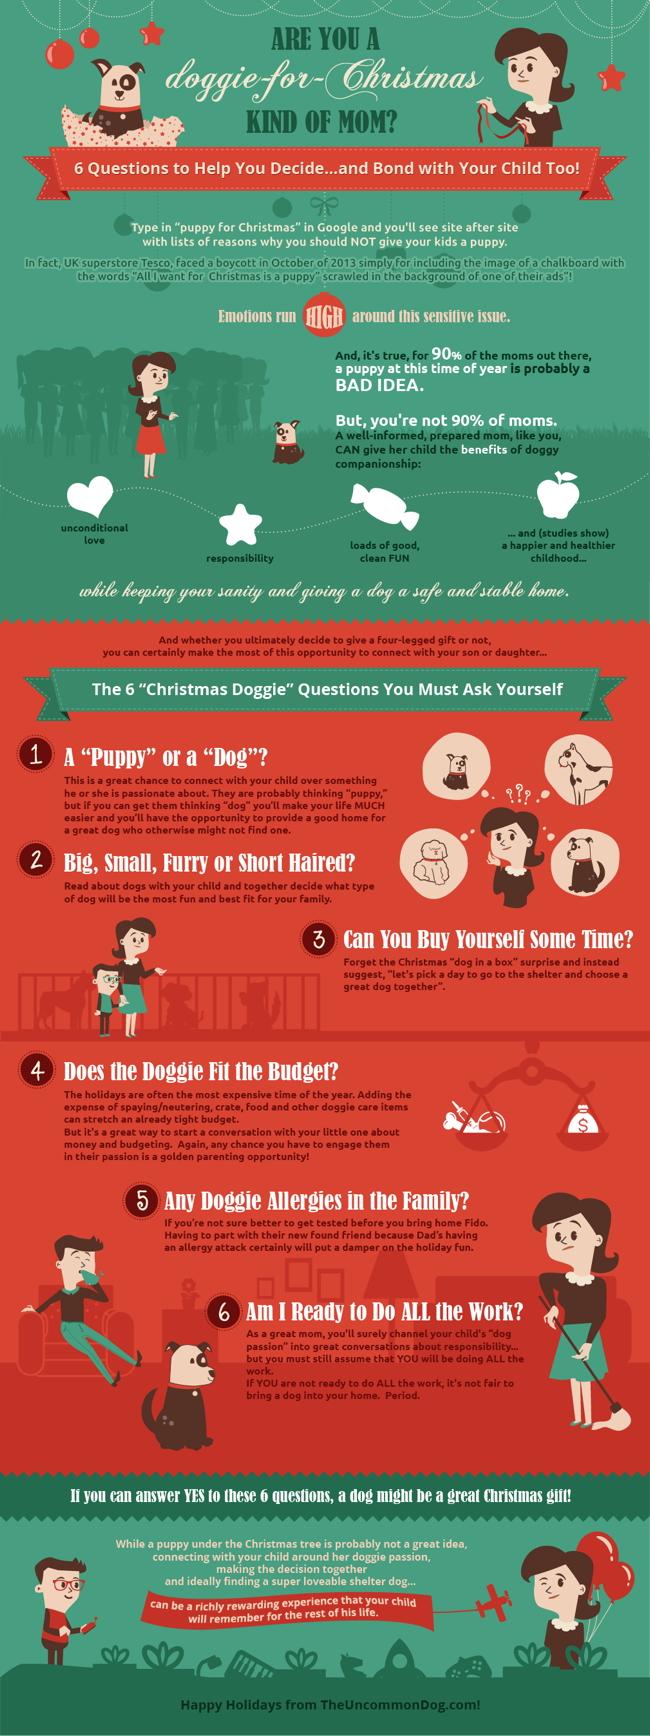 Are-You-A-Doggie-for-Christmas-Kinda-Mom?